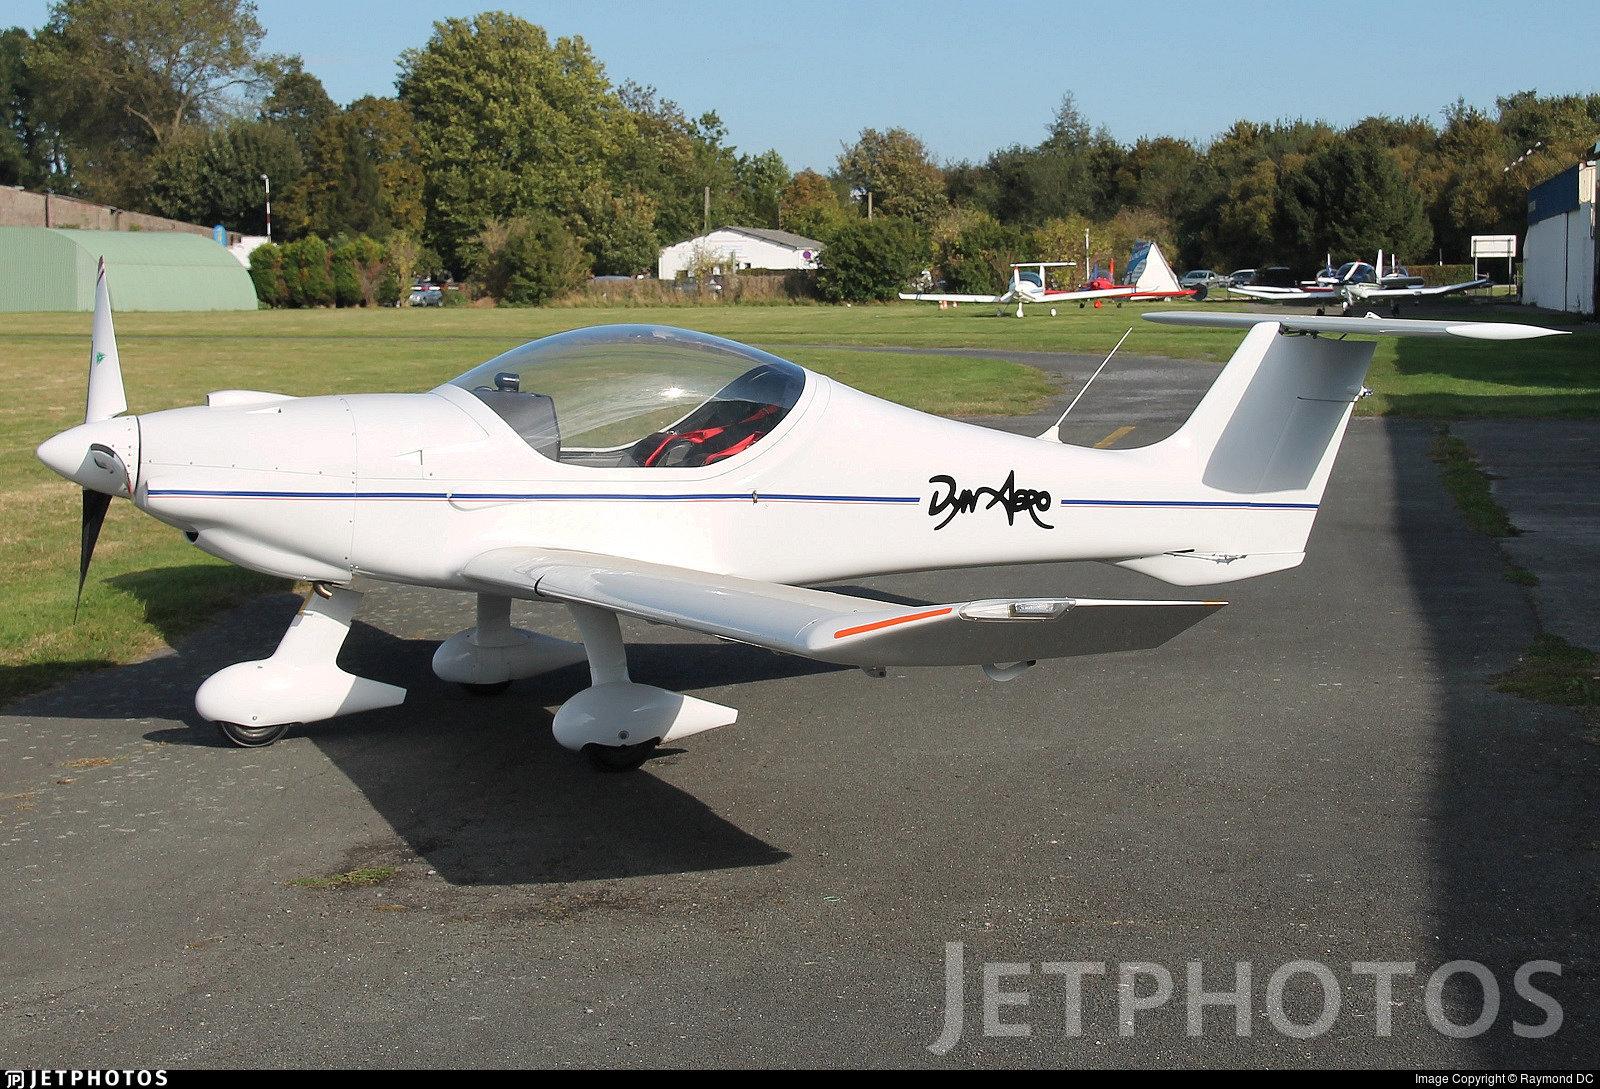 59DCN - Dyn'Aéro MCR-01 Club - Private